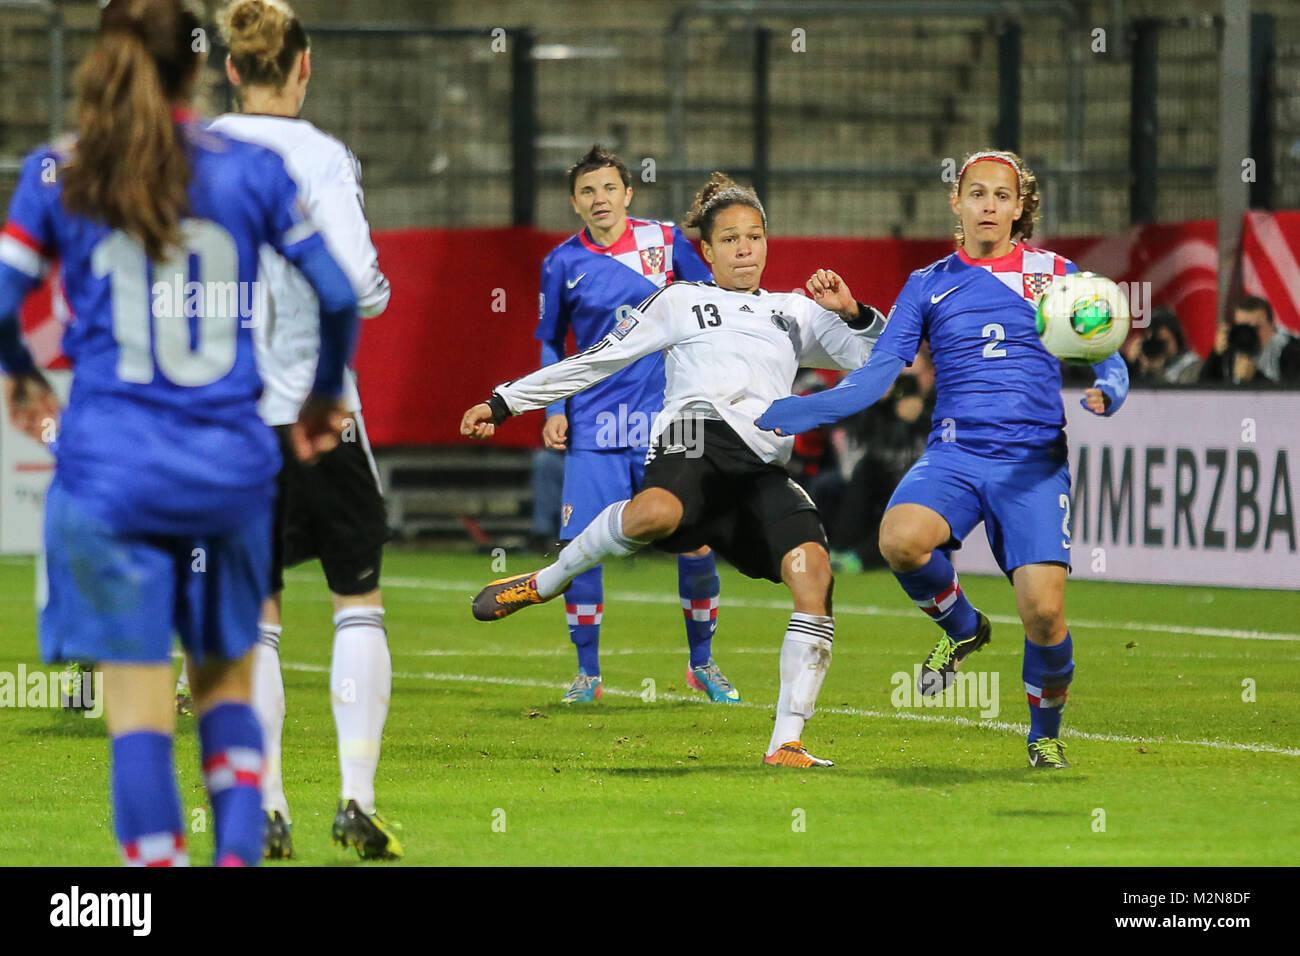 Fussball Frauen Wm Qualifikation Deutschland Kroatien